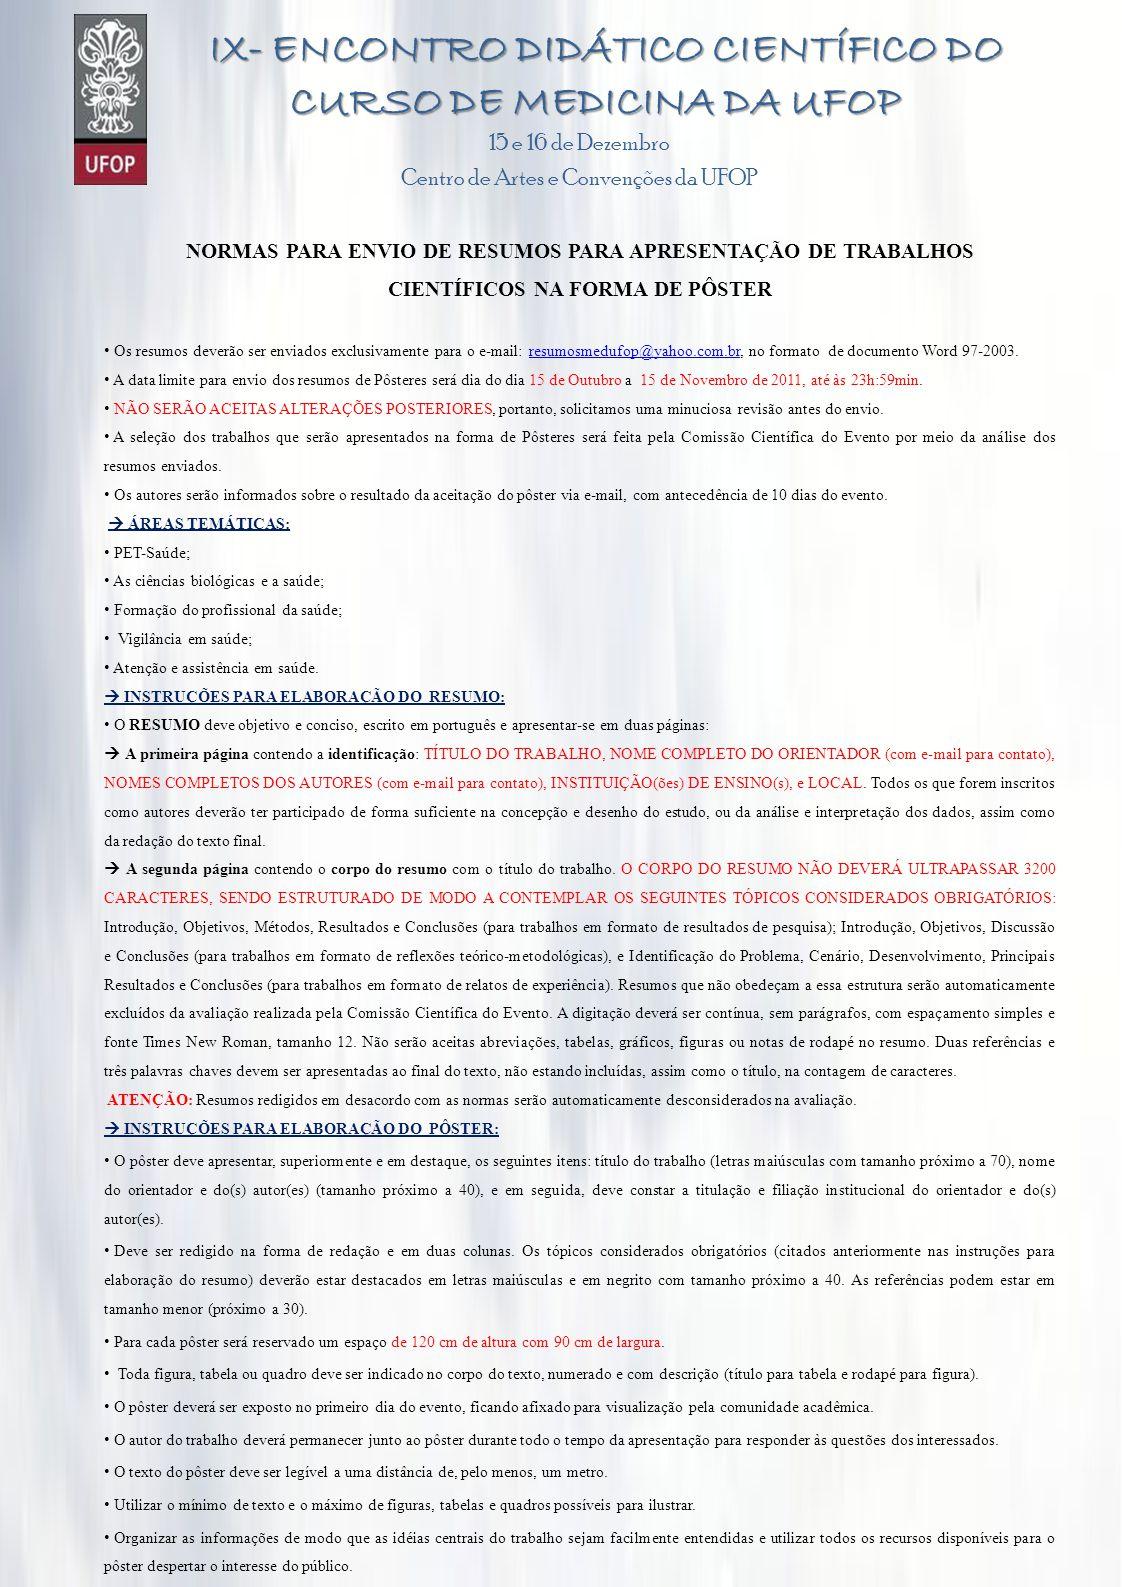 IX- ENCONTRO DIDÁTICO CIENTÍFICO DO CURSO DE MEDICINA DA UFOP